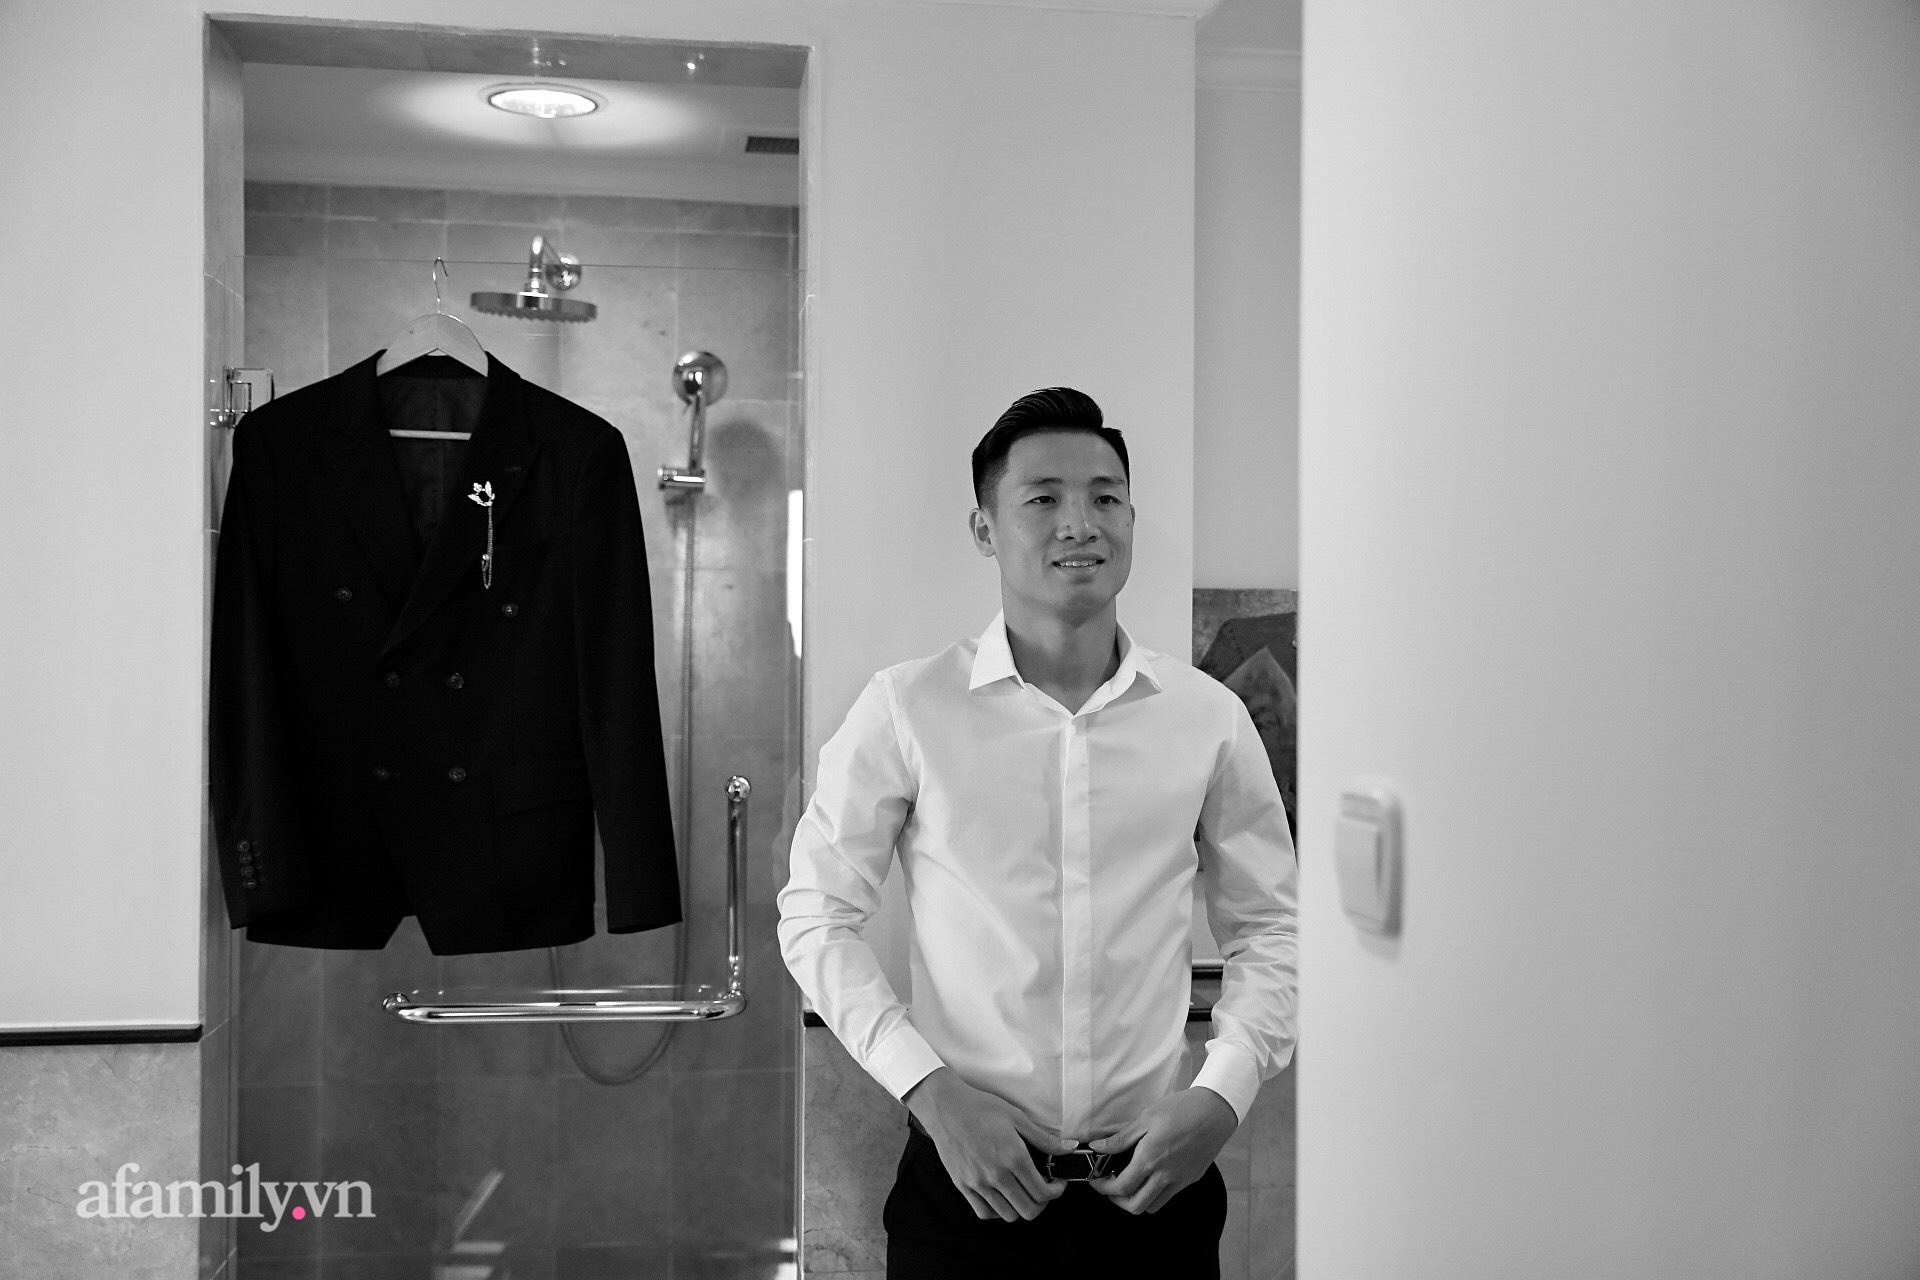 Hình ảnh đầu tiên của cặp đôi Bùi Tiến Dũng - Khánh Linh ở khách sạn tổ chức đám cưới tại Hà Nội, nhan sắc cô dâu xinh đến ngỡ ngàng-2